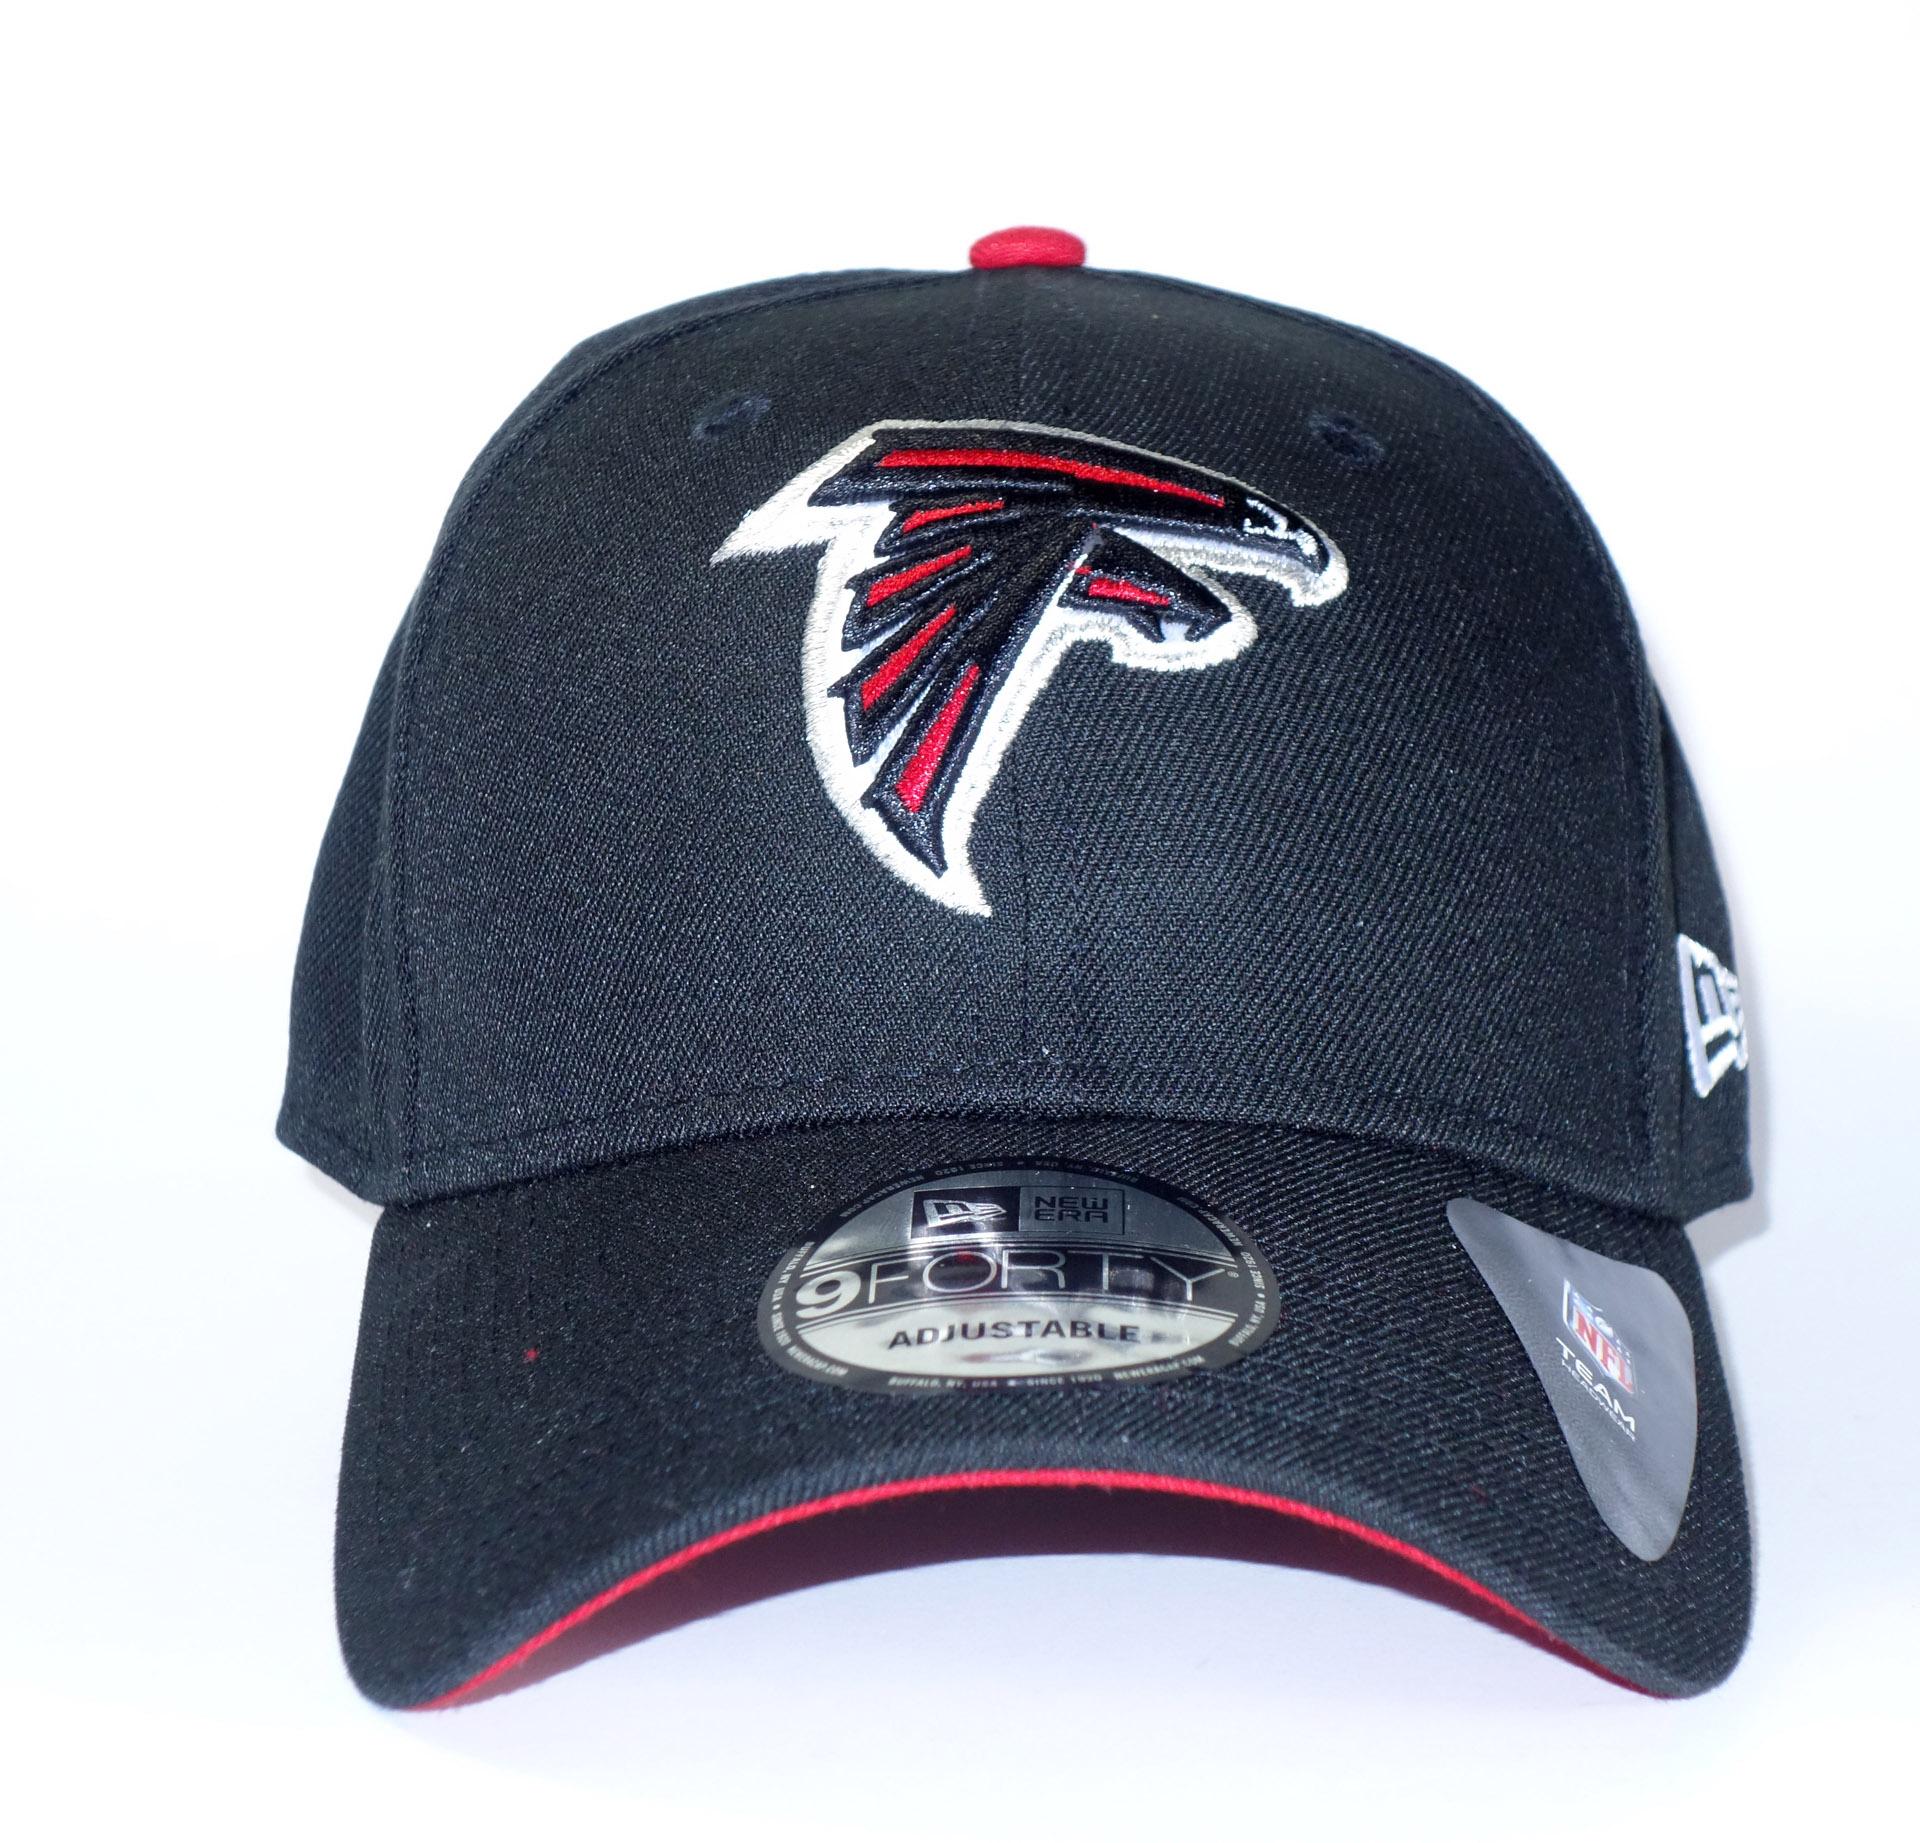 NFL New Era Cap Atlanta Falcons